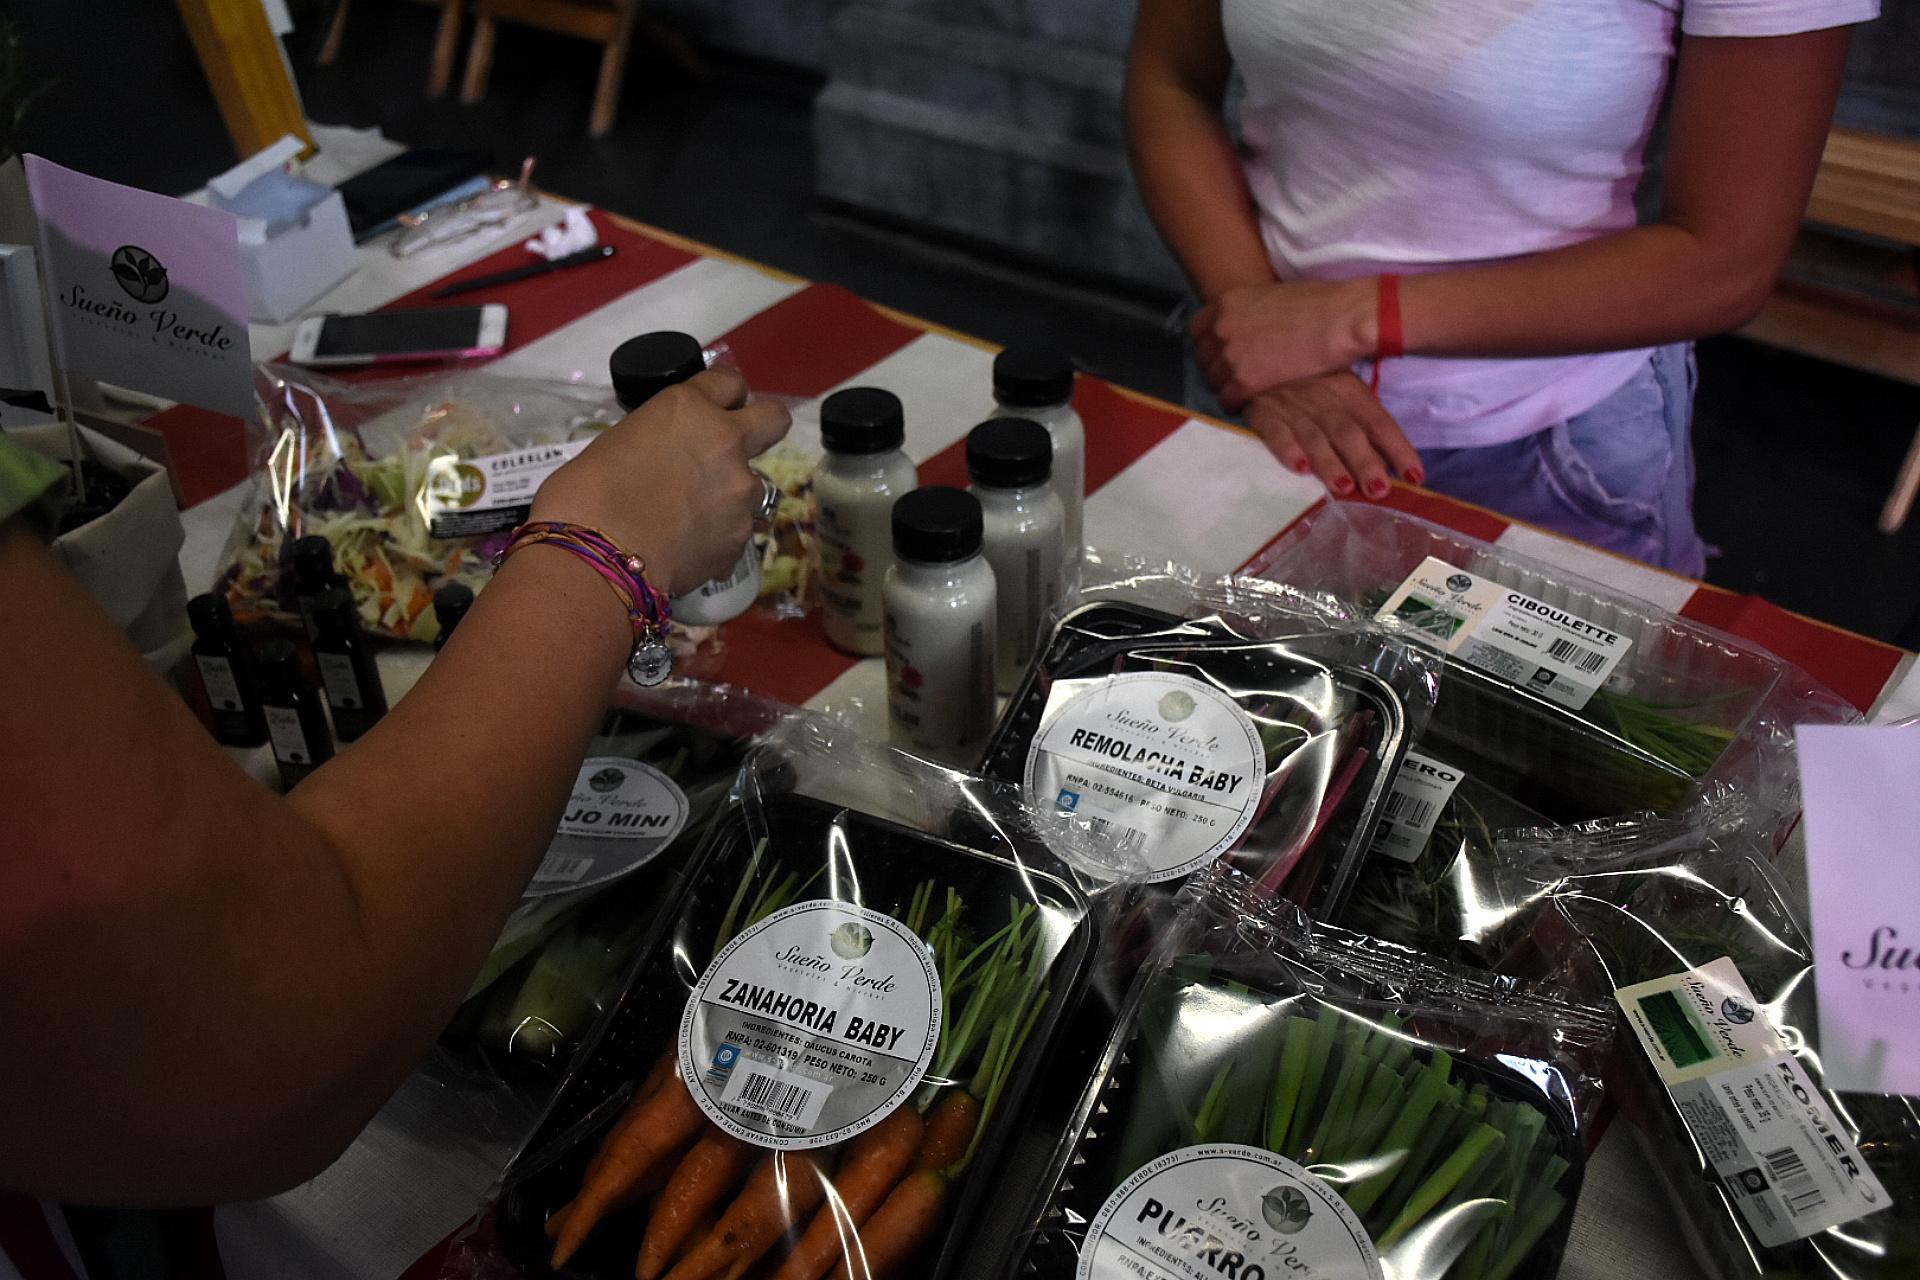 Distintos productos regionales ofrecidos a los visitantes en la Usina del Arte